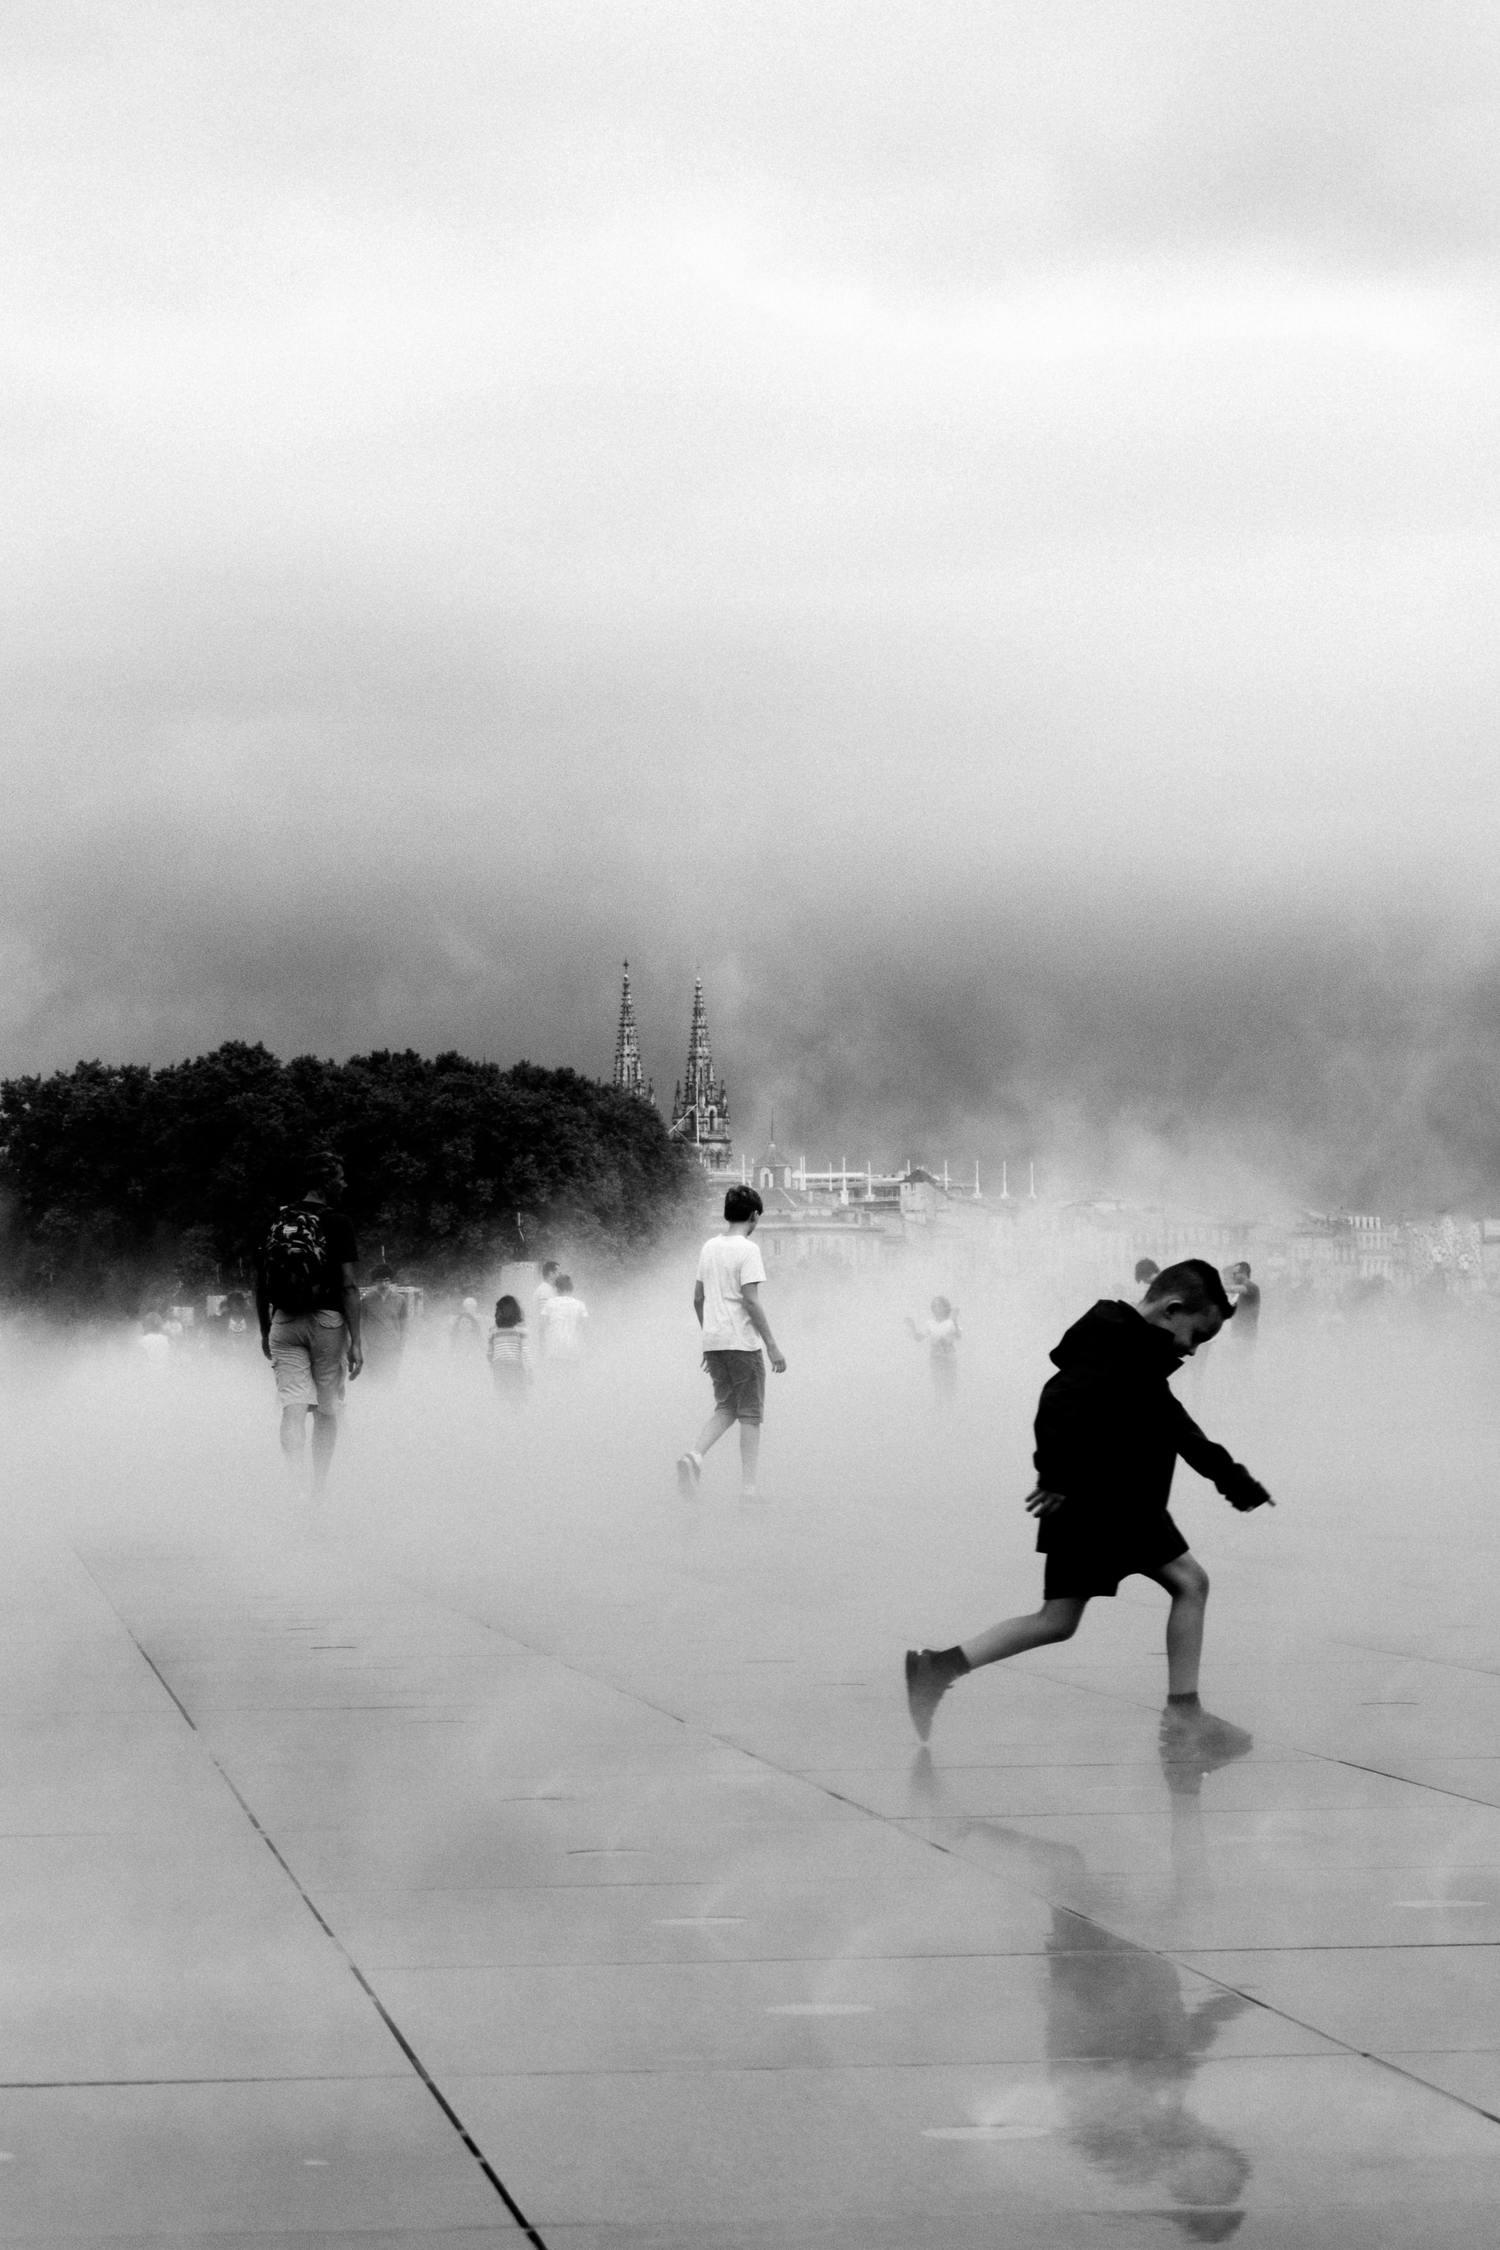 Fotografía callejera en blanco y negro